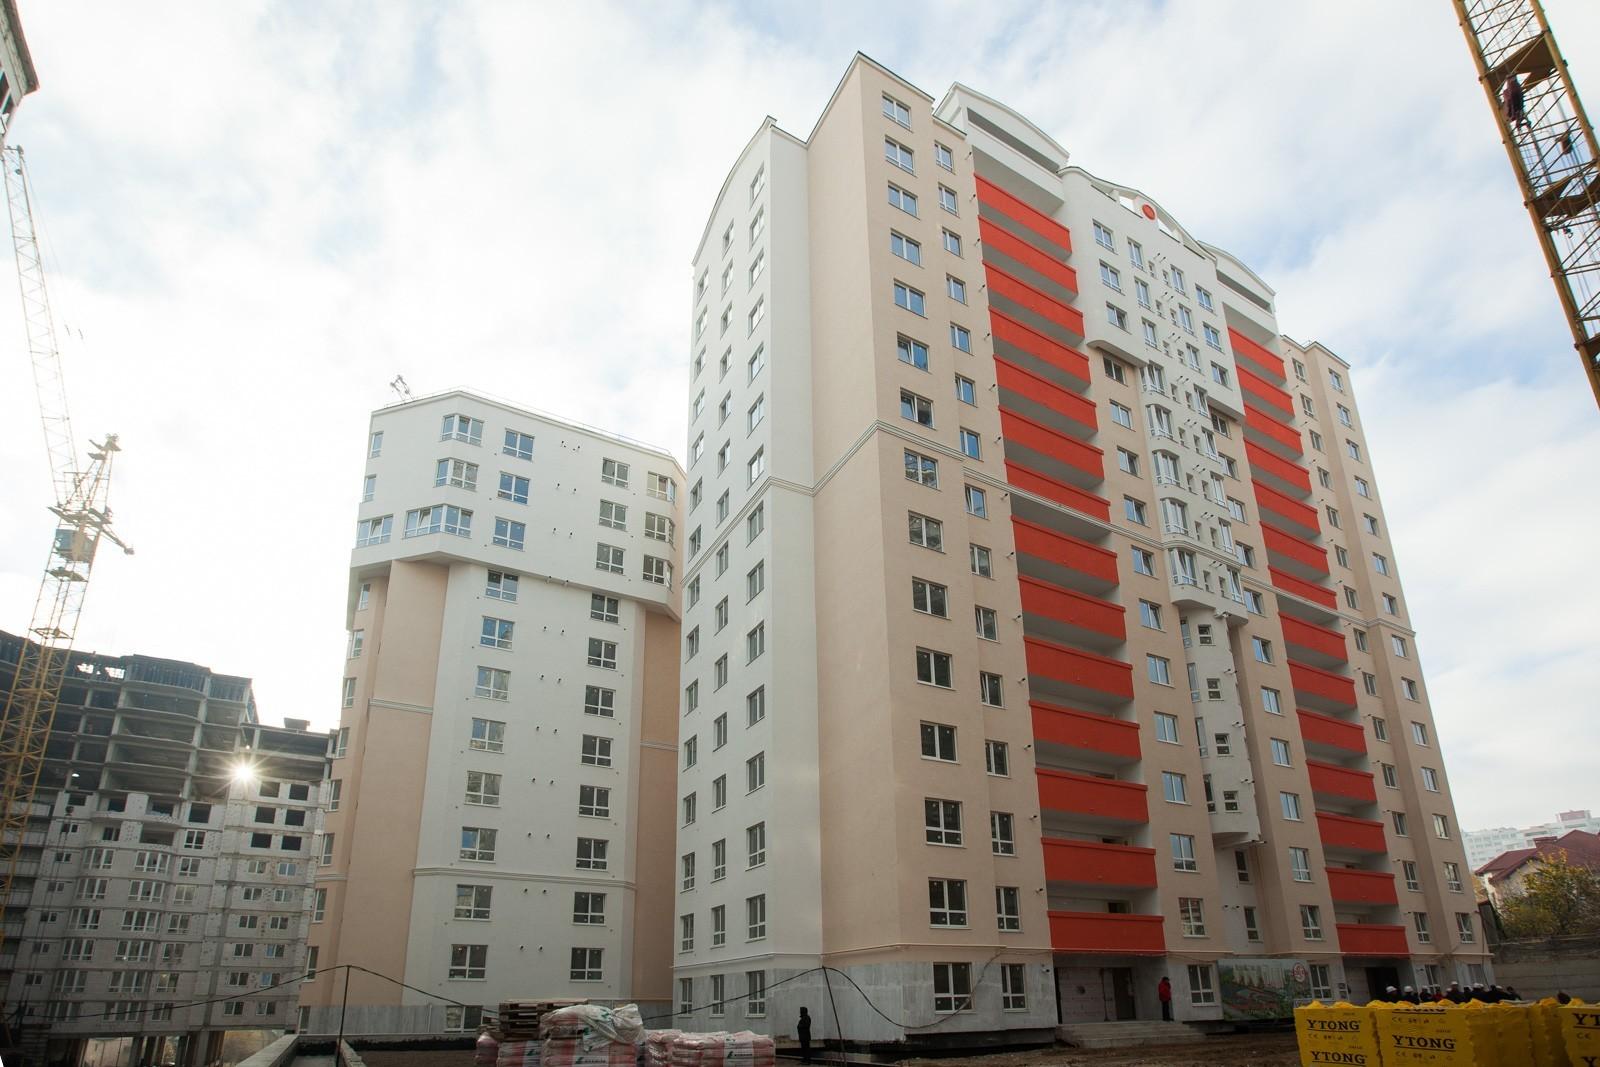 Simplificarea procedurii de înregistrare la domiciliu sau la reședință temporară în locuințele deținute în proprietate comună